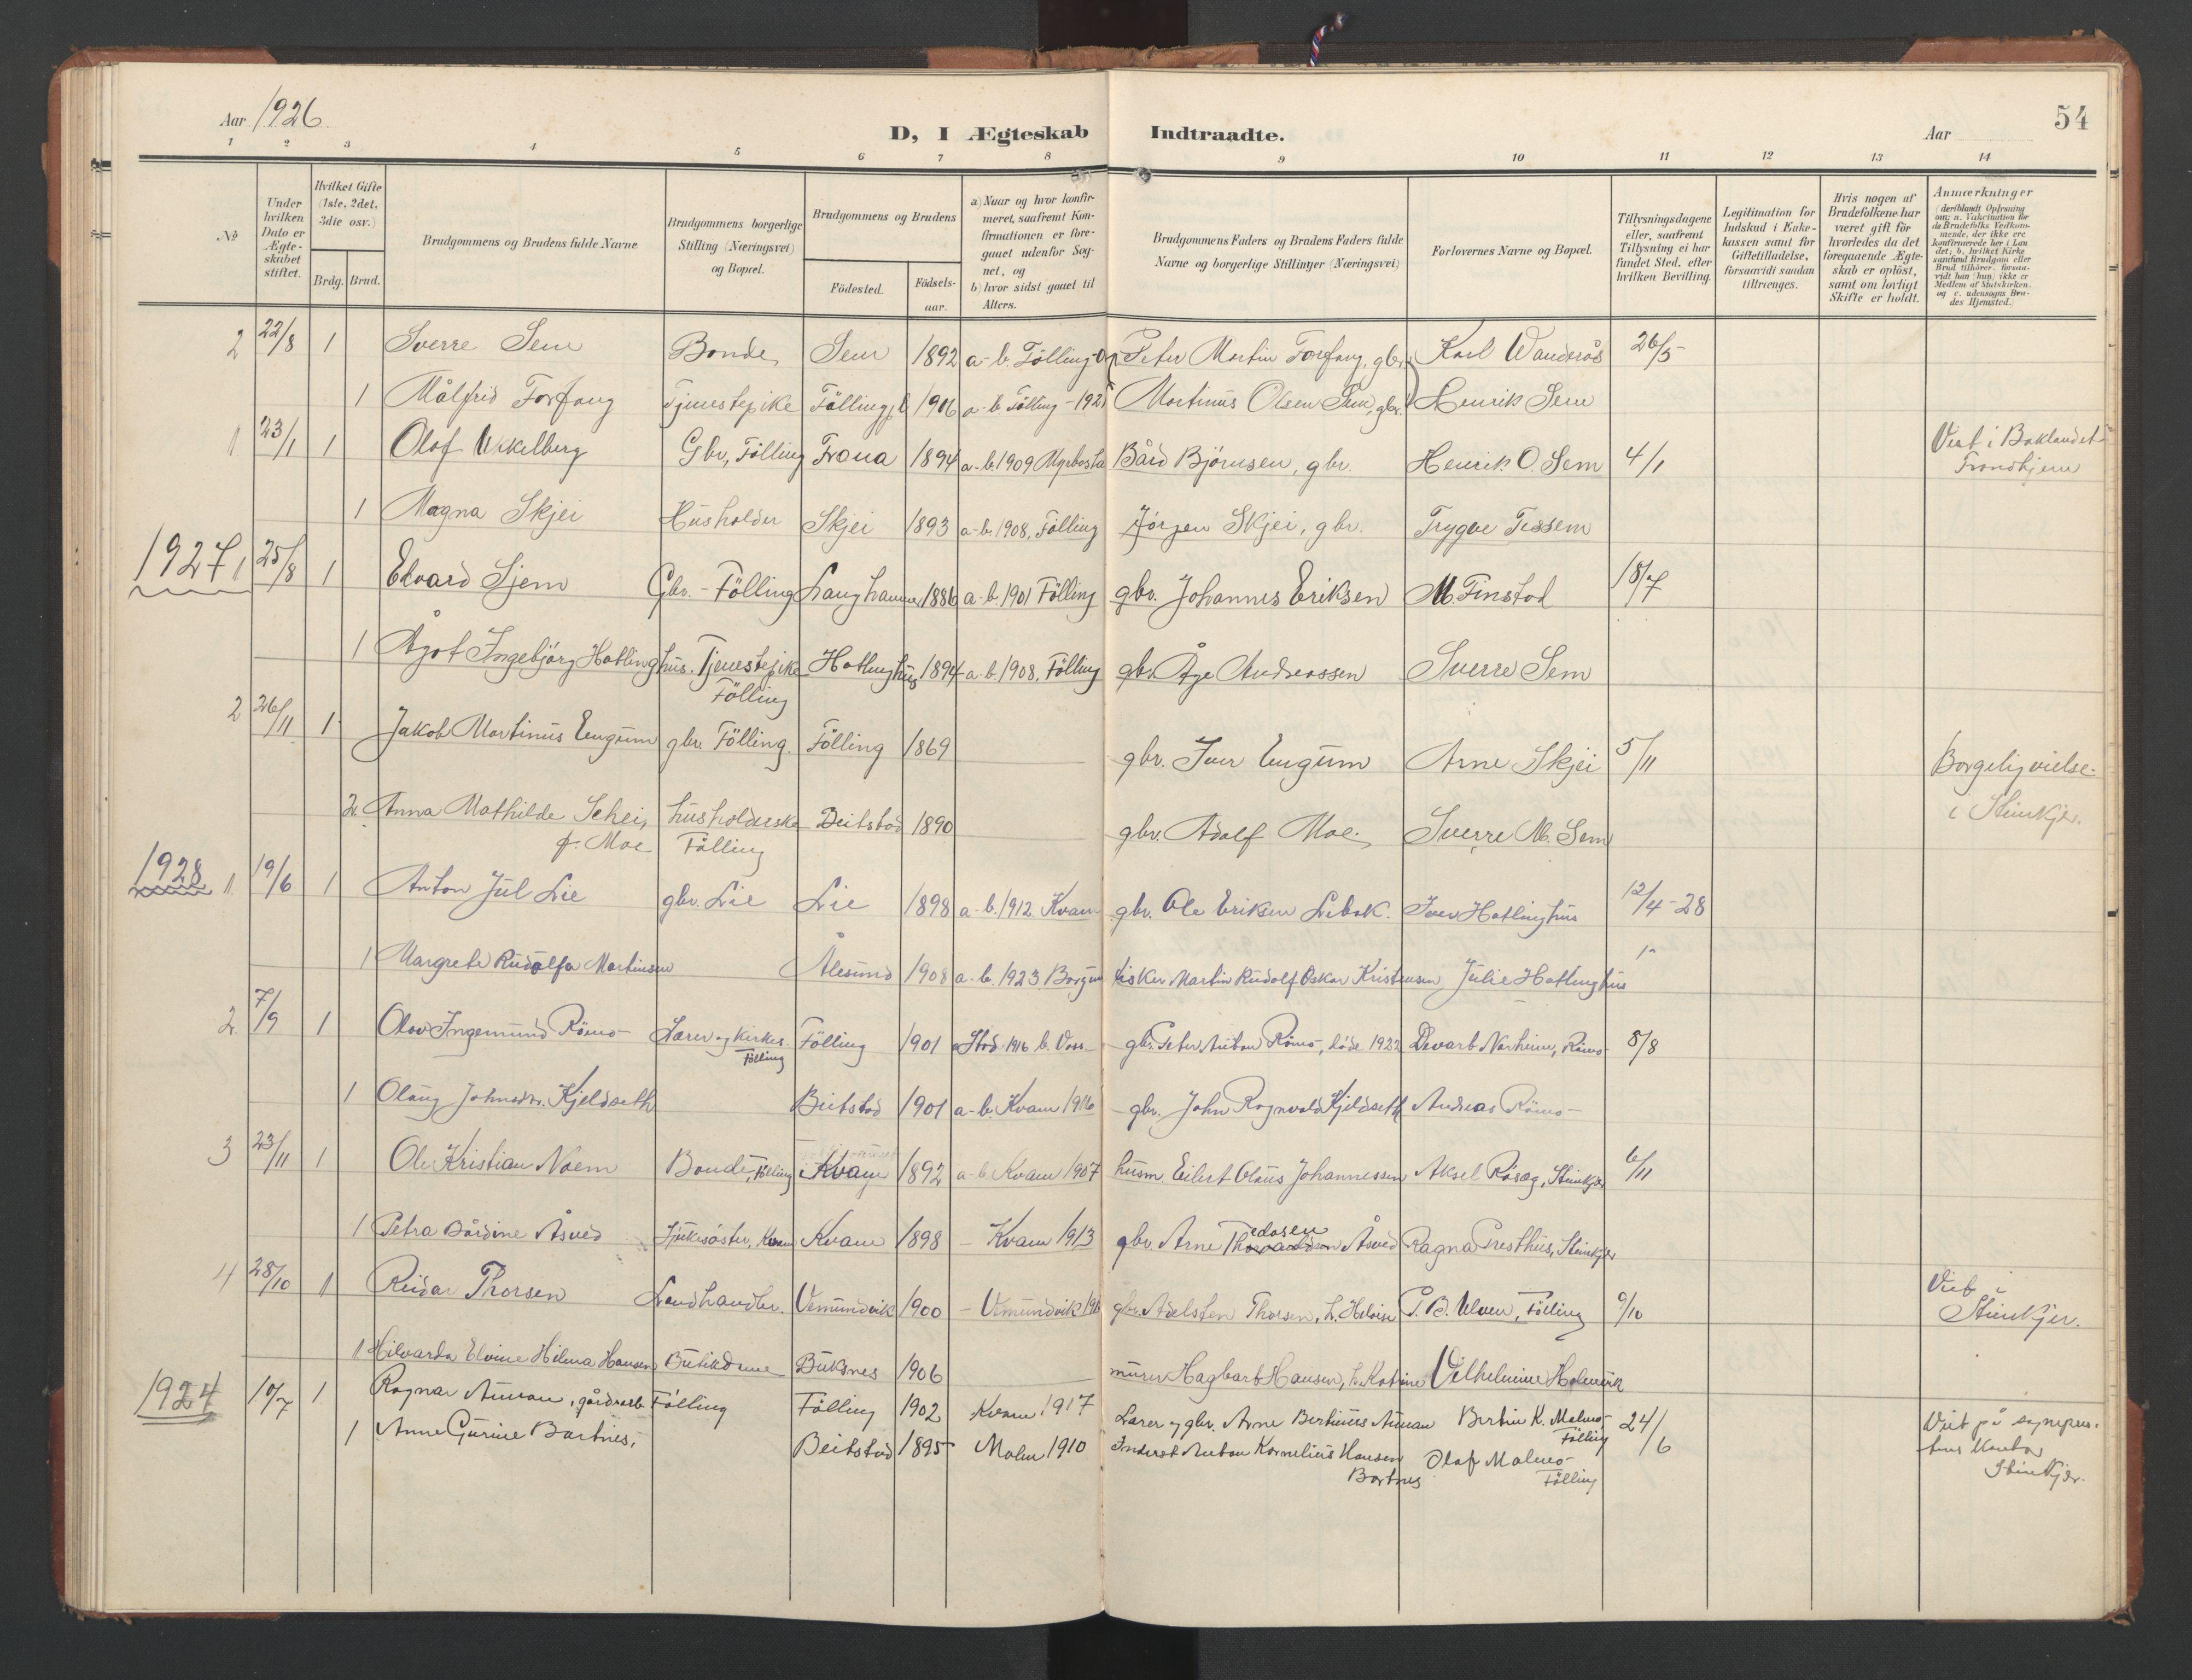 SAT, Ministerialprotokoller, klokkerbøker og fødselsregistre - Nord-Trøndelag, 748/L0465: Klokkerbok nr. 748C01, 1908-1960, s. 54